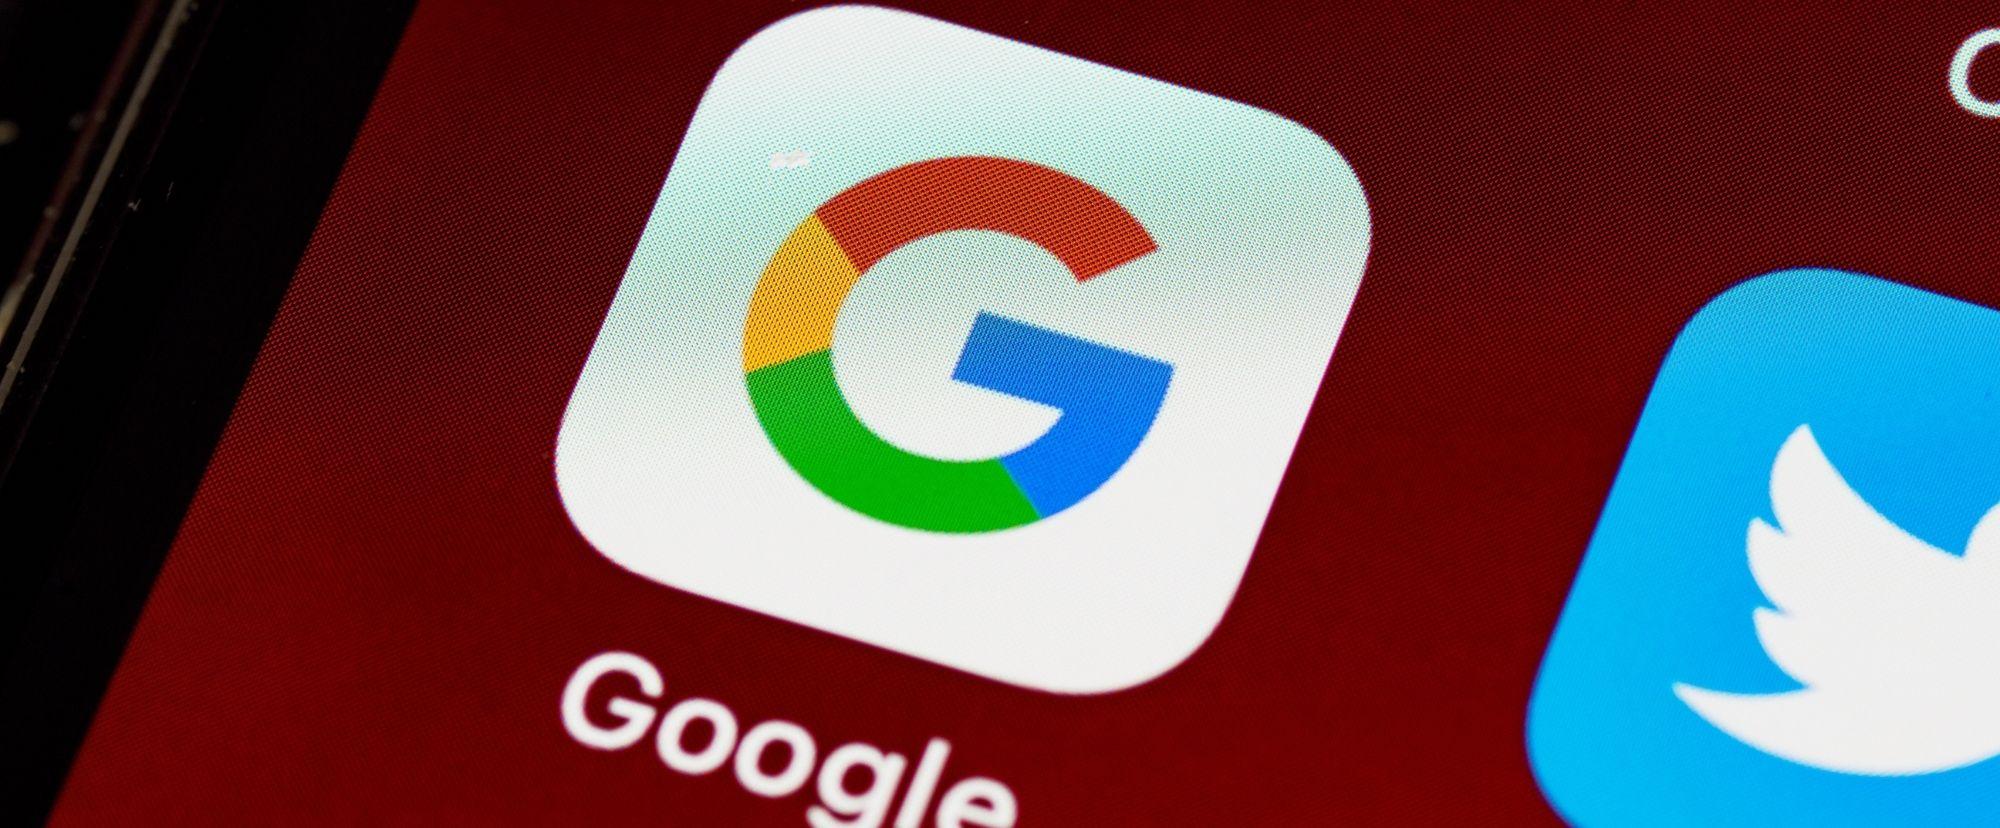 Google app on ipad